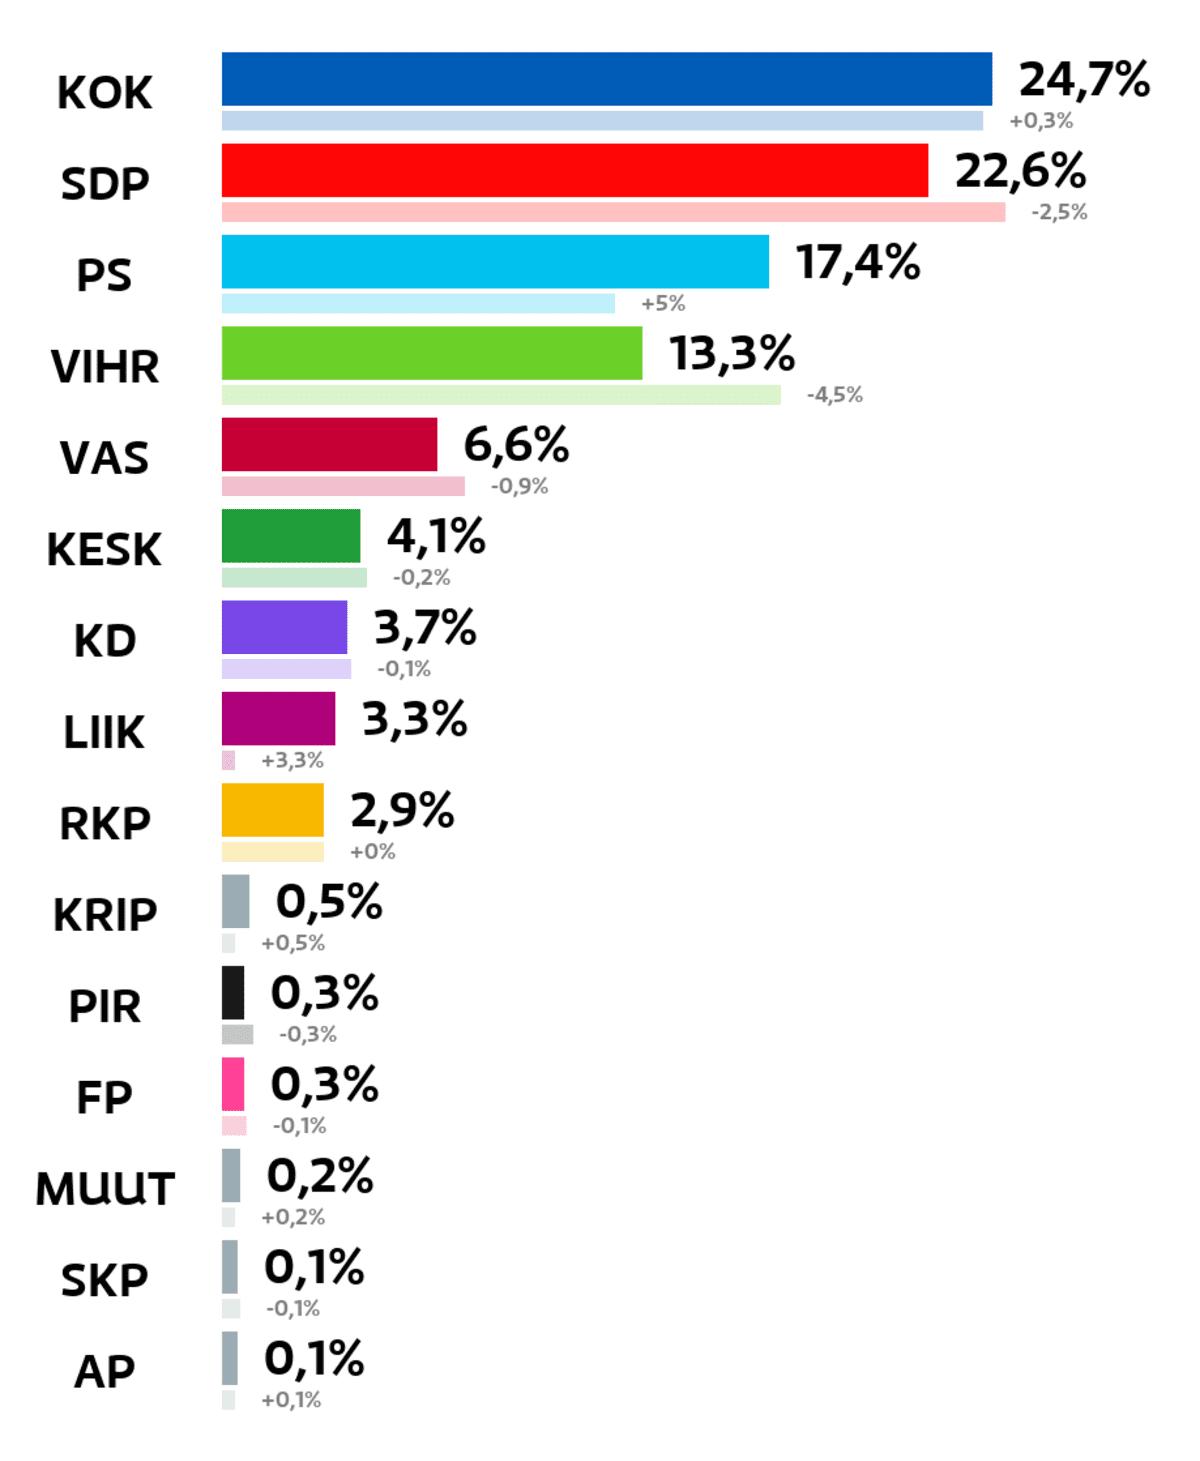 Vantaa: Kuntavaalien tulos (%) Kokoomus: 24,7 prosenttia SDP: 22,6 prosenttia Perussuomalaiset: 17,4 prosenttia Vihreät: 13,3 prosenttia Vasemmistoliitto: 6,6 prosenttia Keskusta: 4,1 prosenttia Kristillisdemokraatit: 3,7 prosenttia Liike Nyt: 3,3 prosenttia RKP: 2,9 prosenttia Kristallipuolue: 0,5 prosenttia Piraattipuolue: 0,3 prosenttia Feministinen puolue: 0,3 prosenttia Muut ryhmät: 0,2 prosenttia Suomen Kommunistinen Puolue: 0,1 prosenttia Avoin Puolue: 0,1 prosenttia